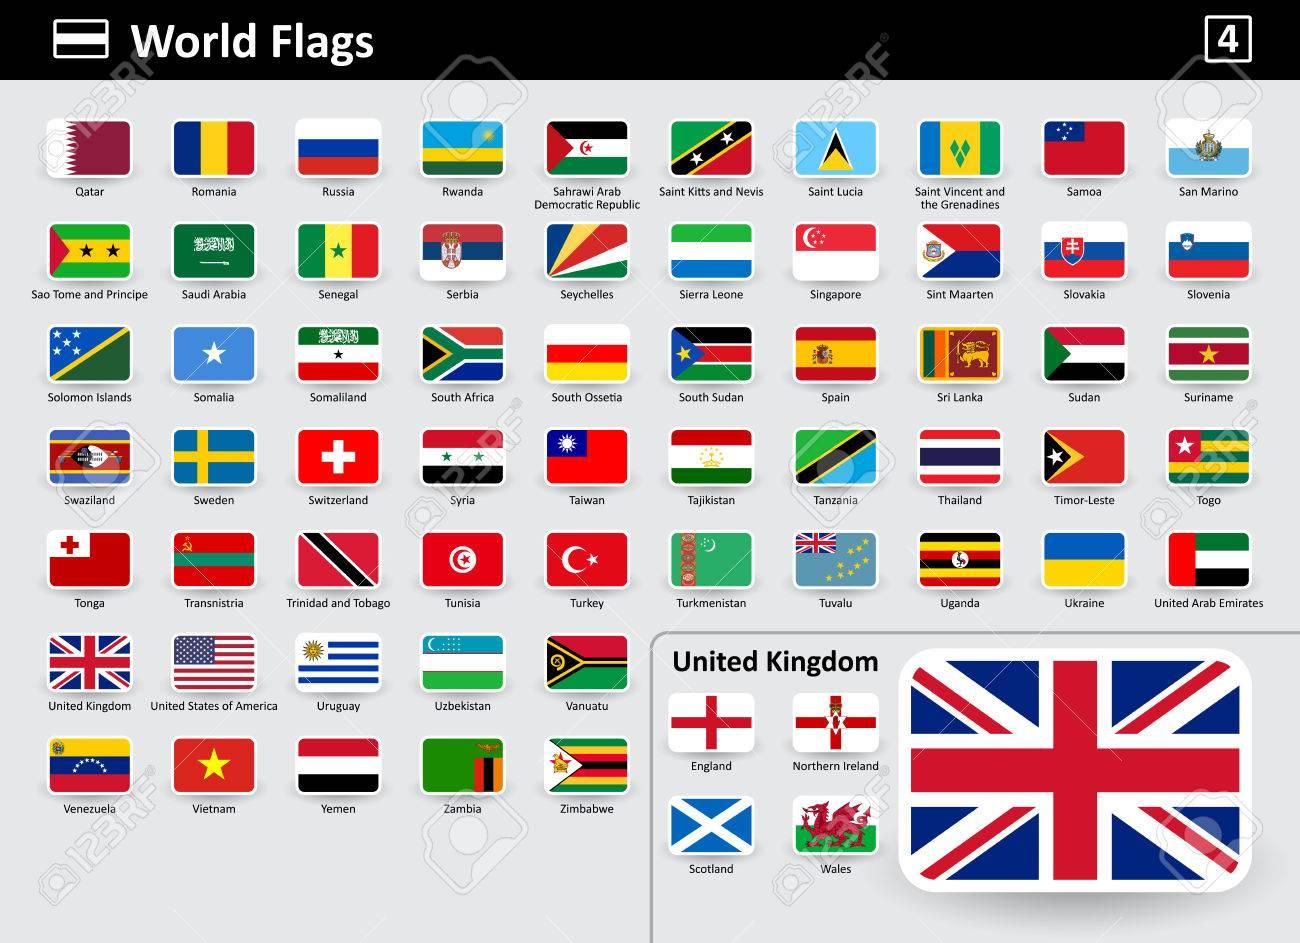 imagenes de todas las banderas con su nombre